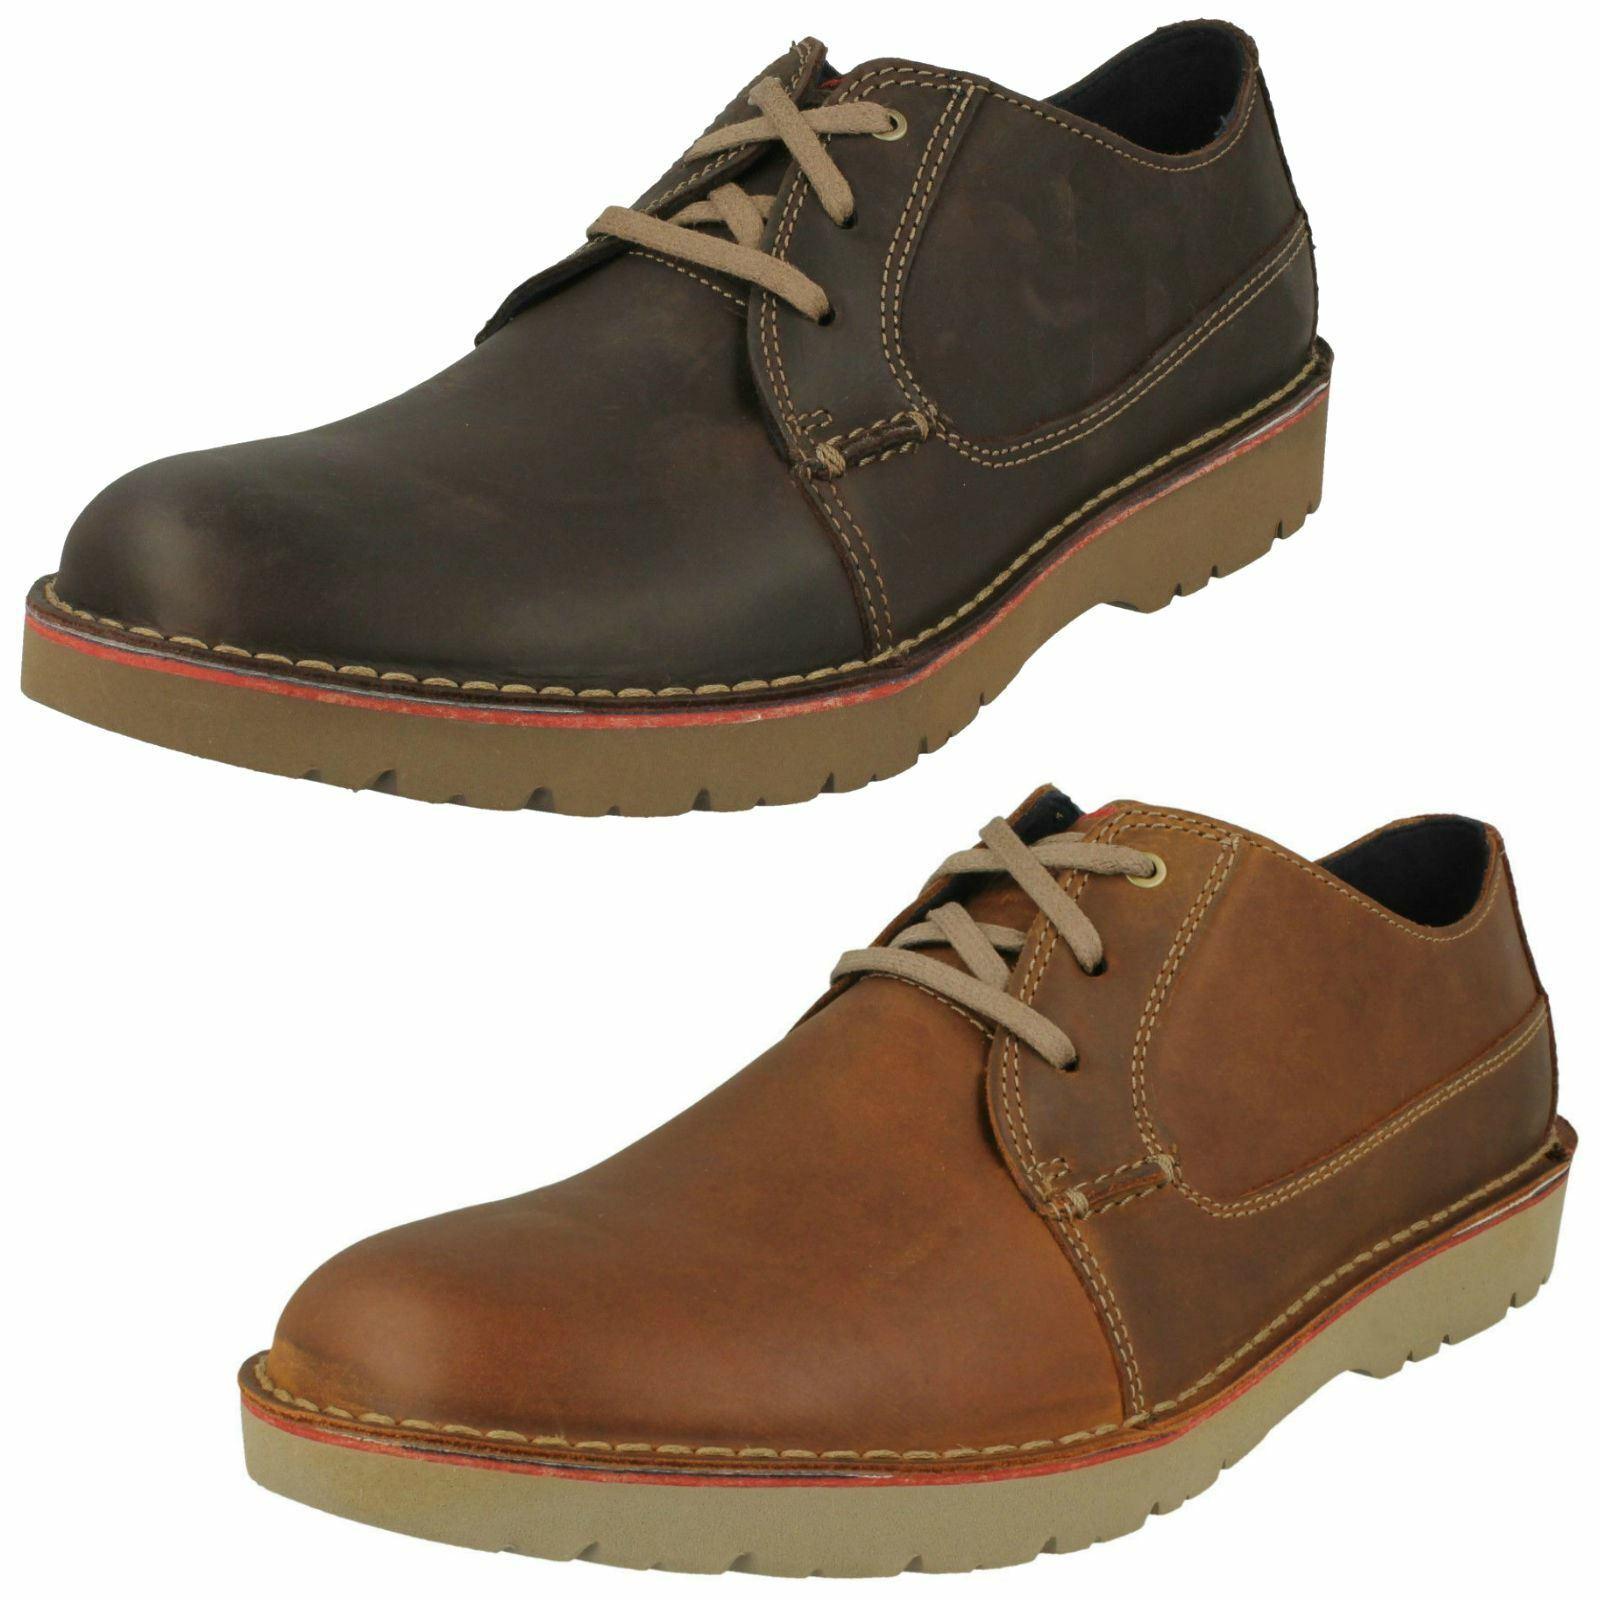 'Mens Clarks' Smart Cushion Soft Insole shoes - Vargo Plain